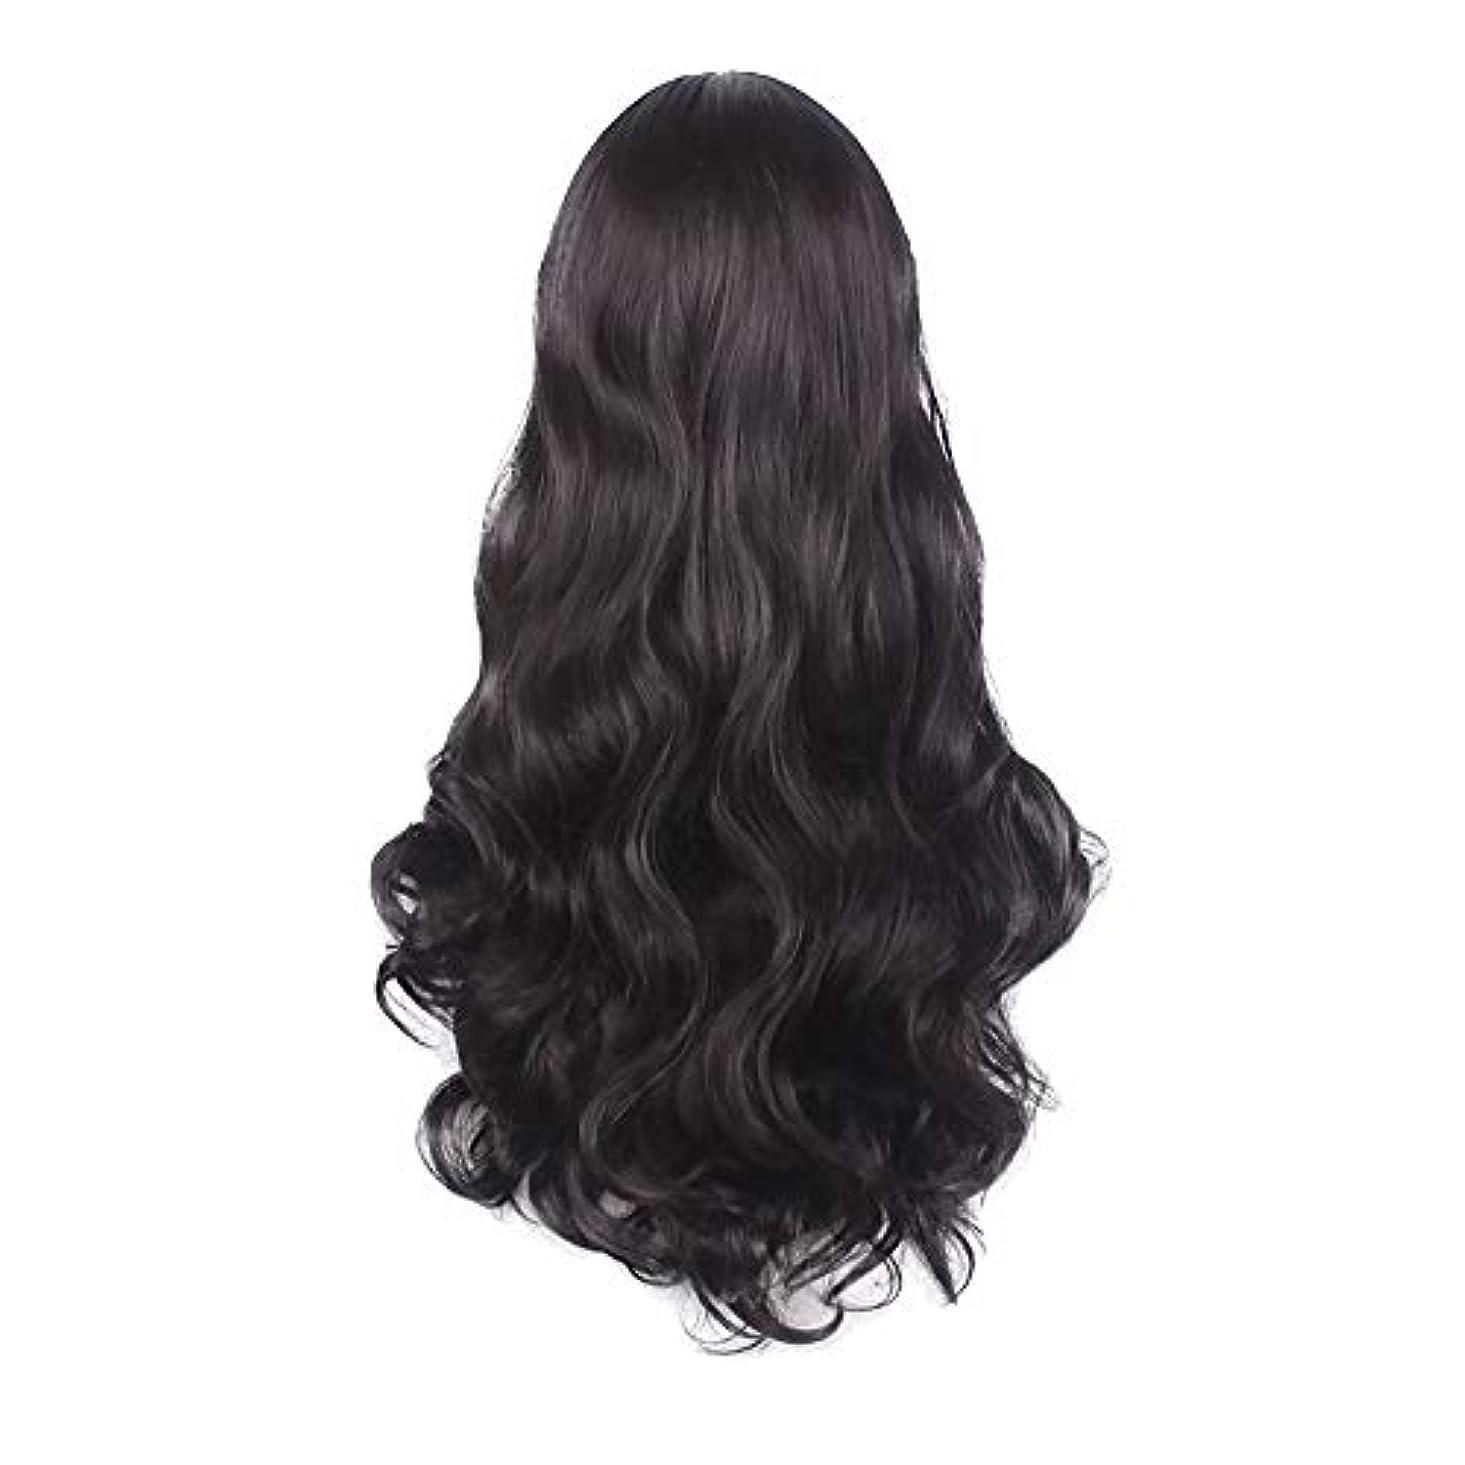 中絶ほのめかすパシフィック女性の黒の長い波状の巻き毛のかつらパーティーCOS小道具かつらをかつら